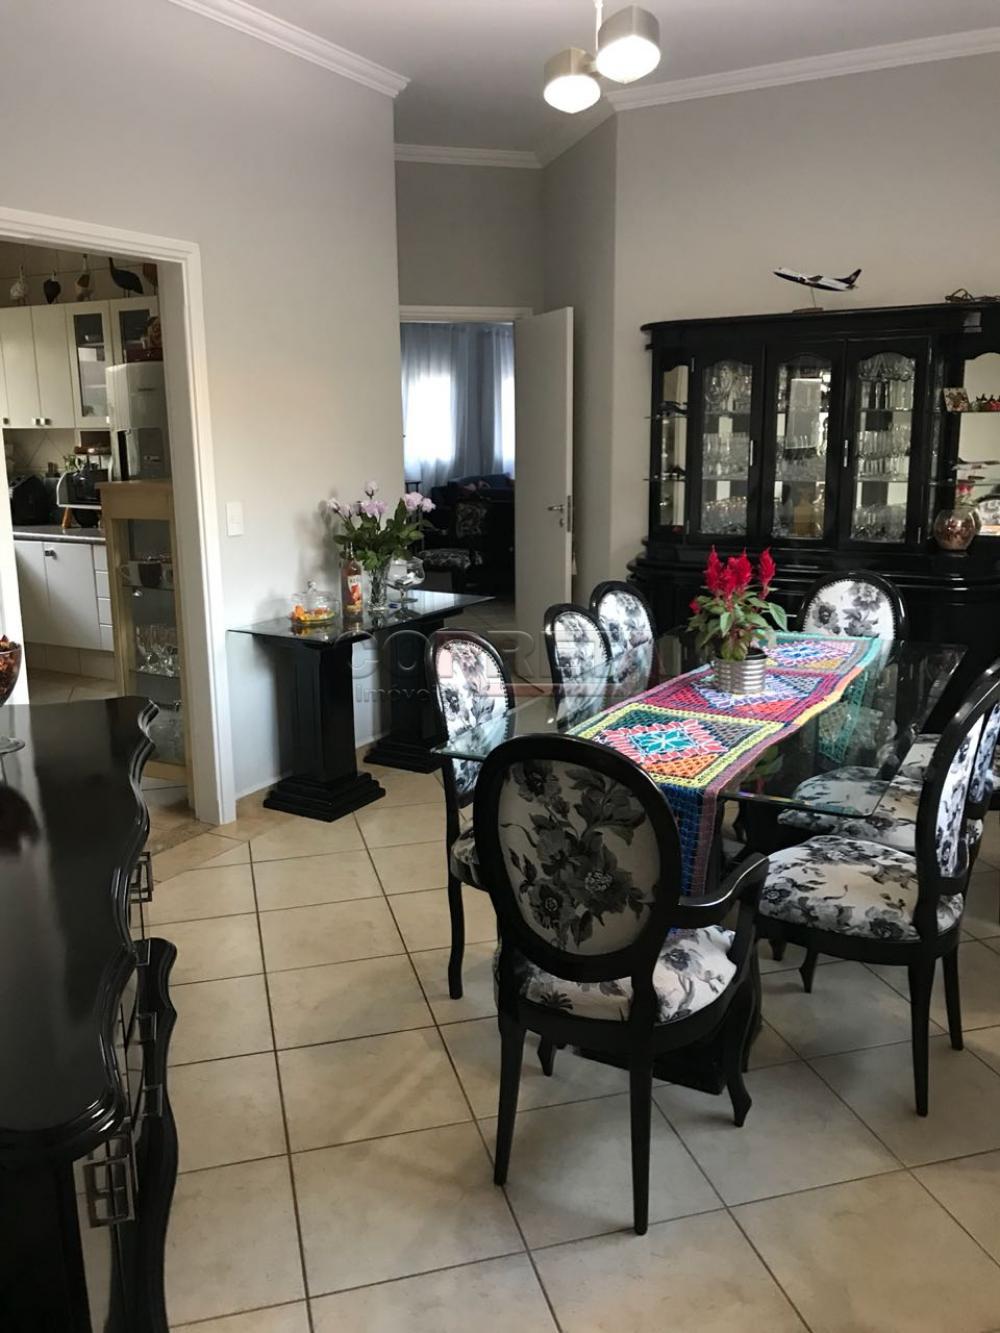 Comprar Casa / Condomínio em Araçatuba apenas R$ 690.000,00 - Foto 2